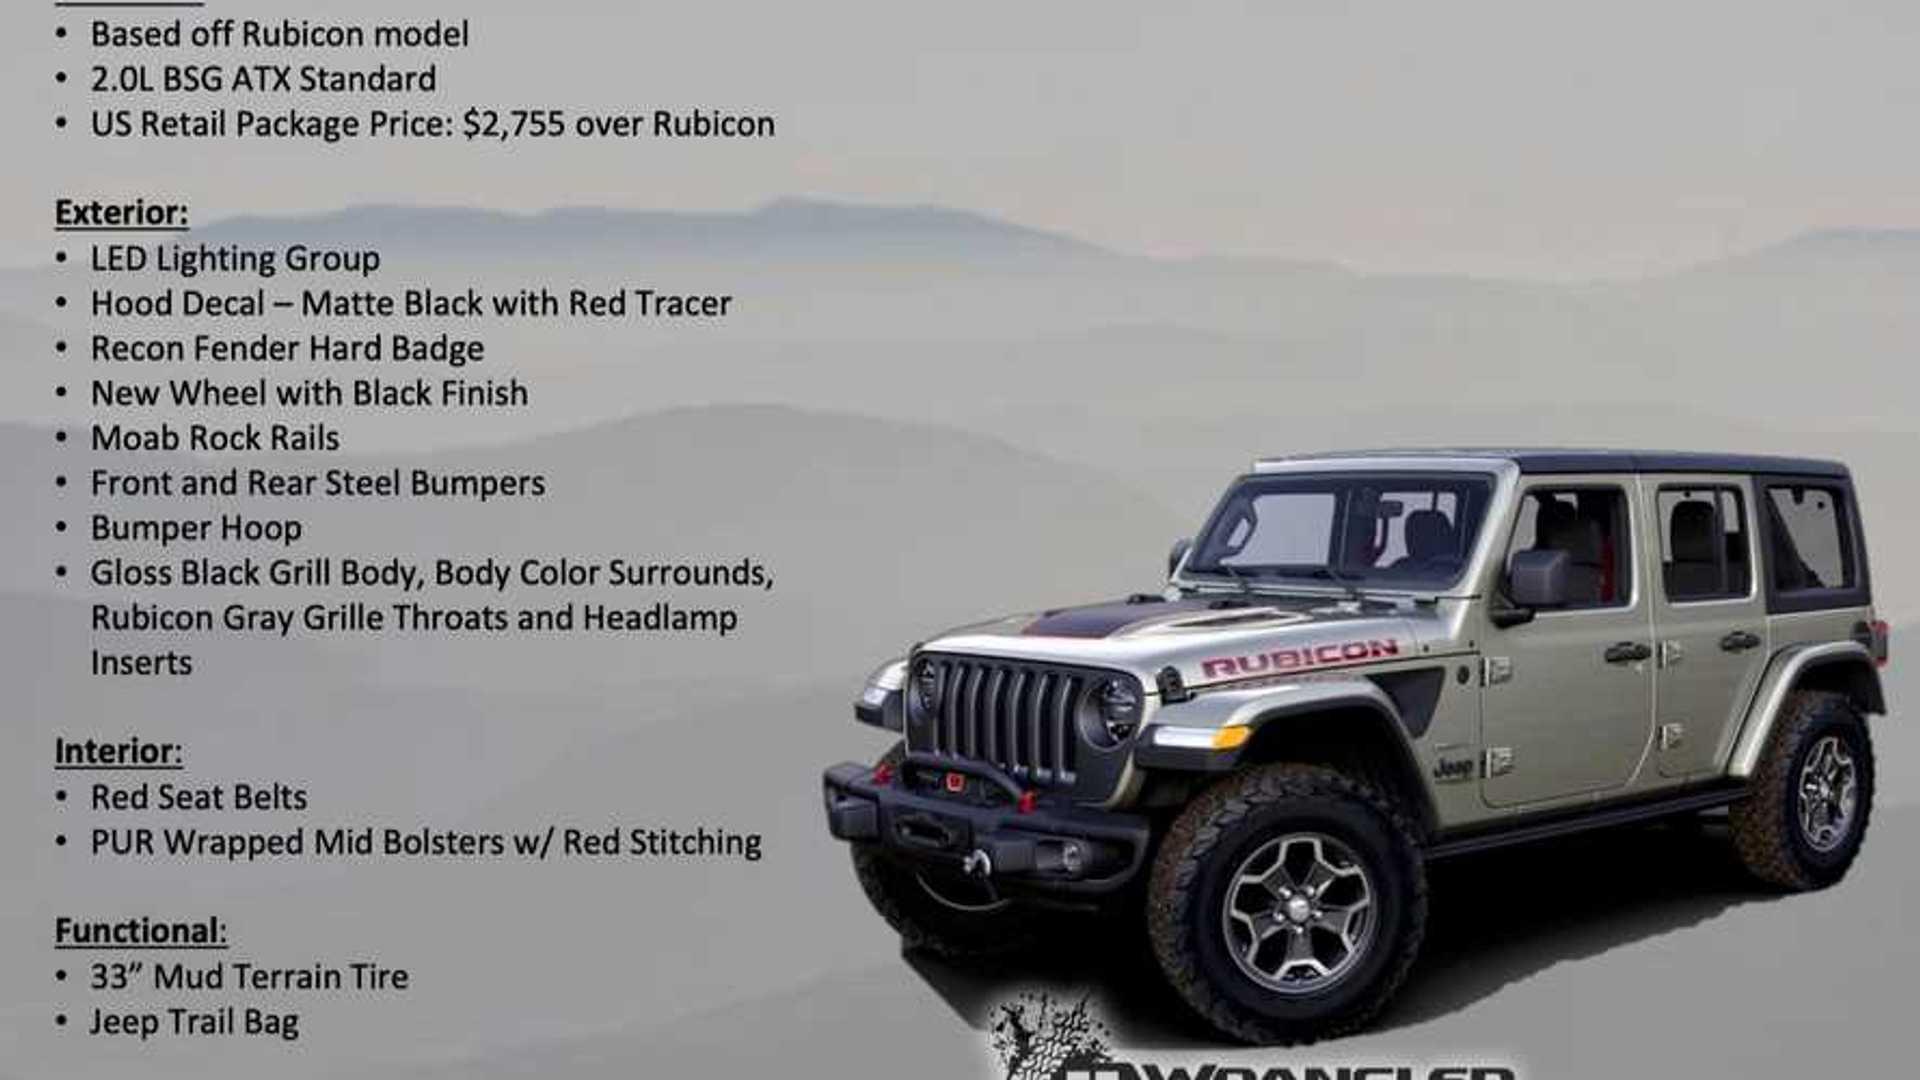 Wrangler Rubicon Recon Jeep Wrangler 2019